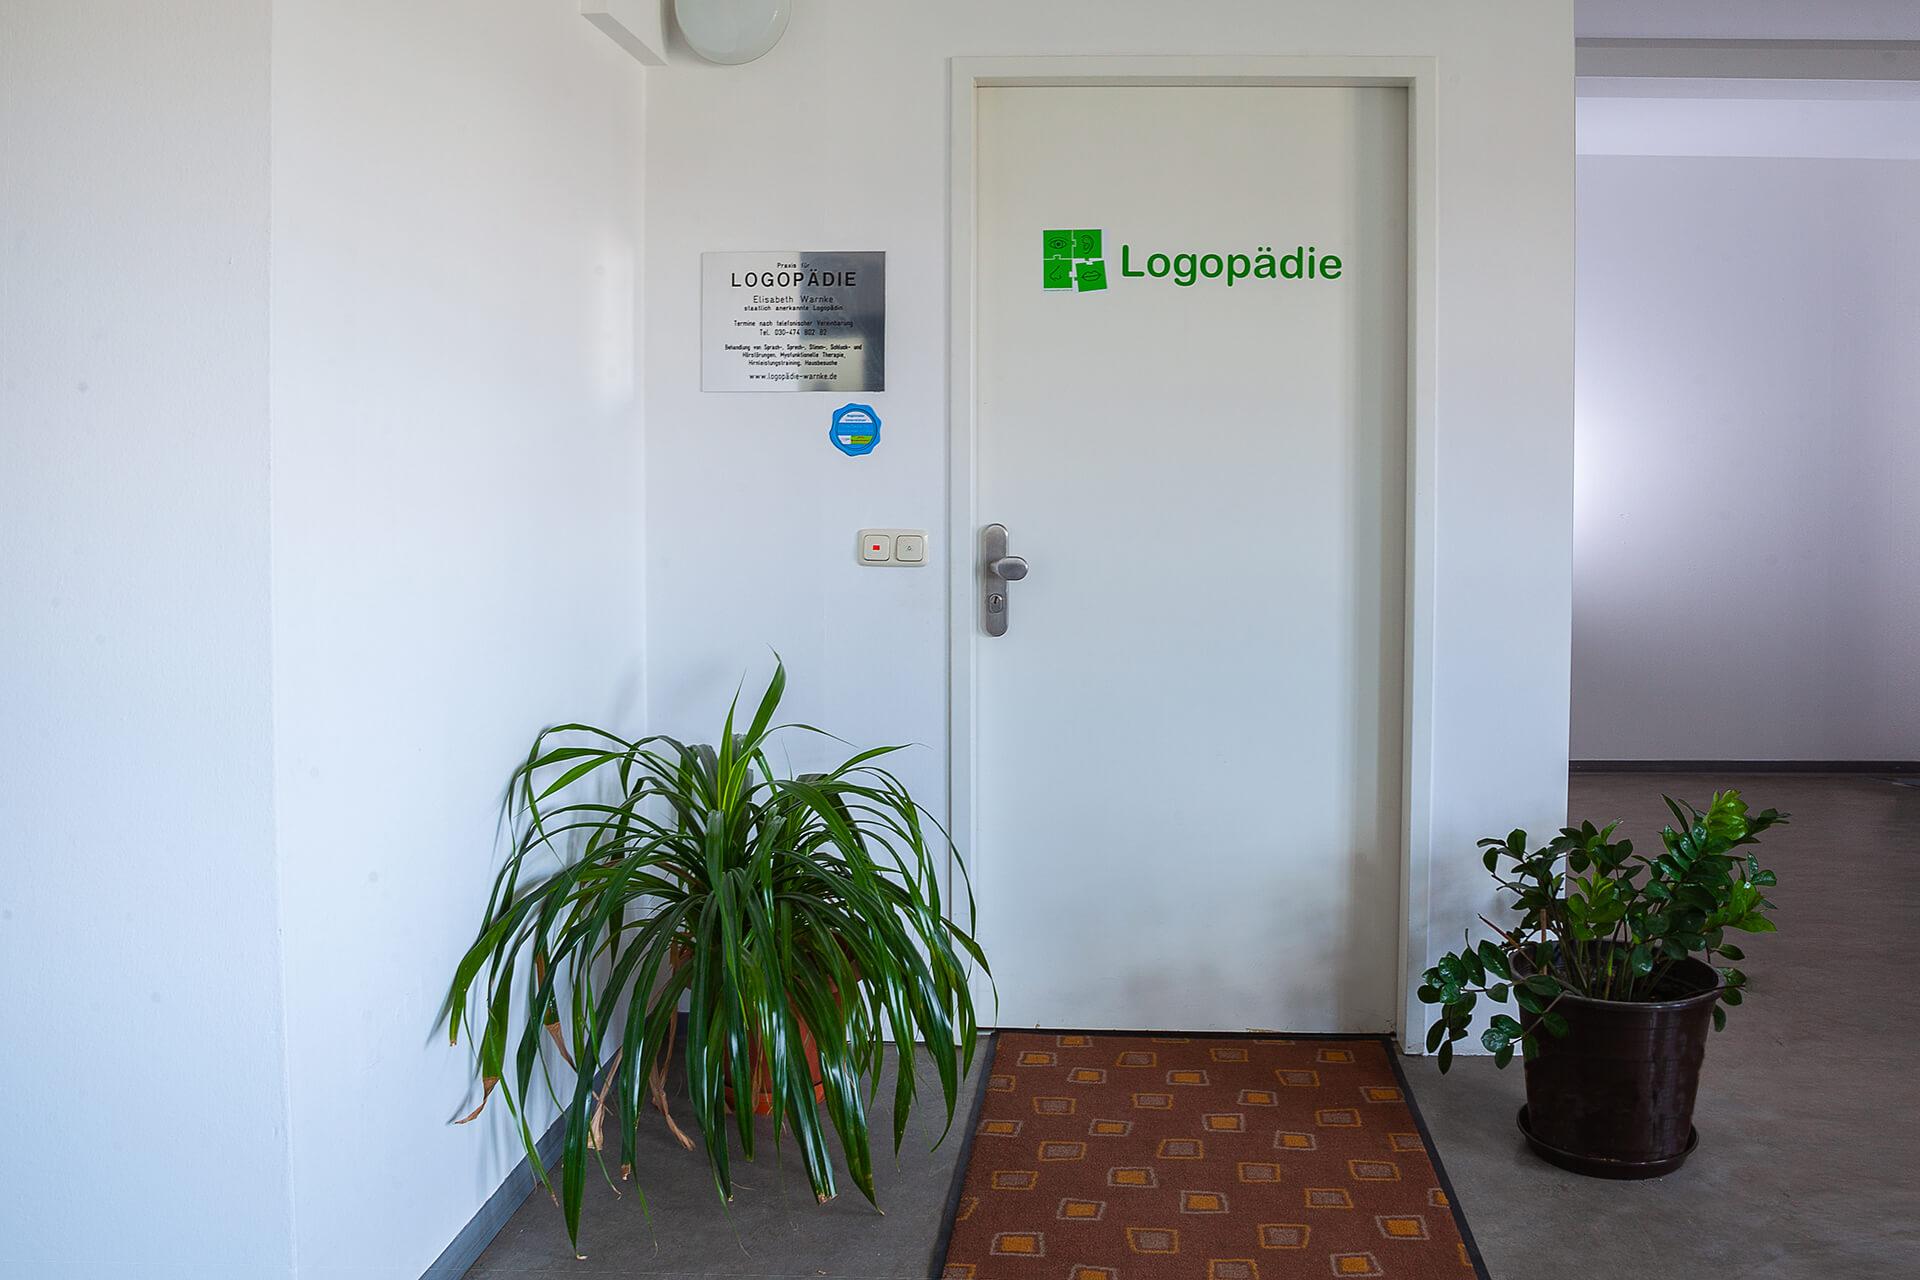 Eingangstuer-Praxis | Praxis für Logopädie Elisabeth Warnke